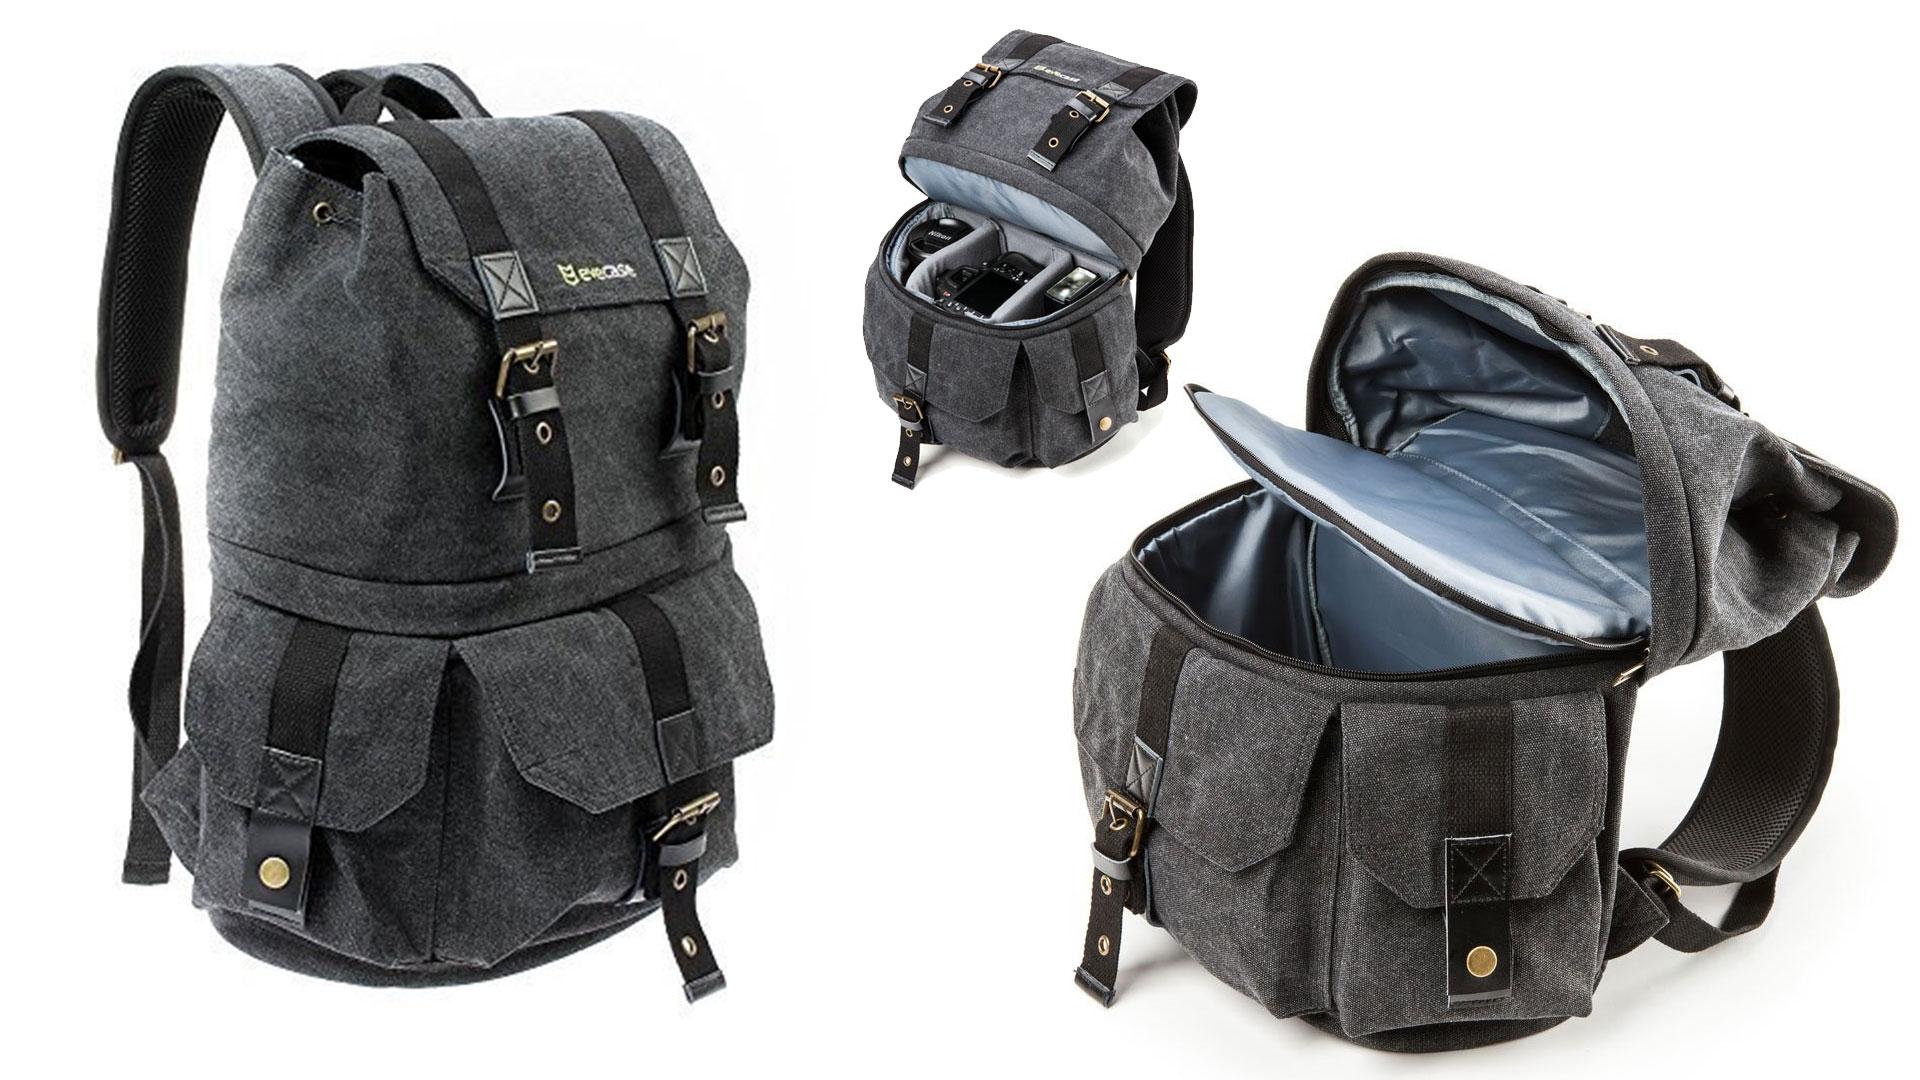 evecase convertible backpack, best dslr bag, best dslr camera bag, best dslr camera backpack